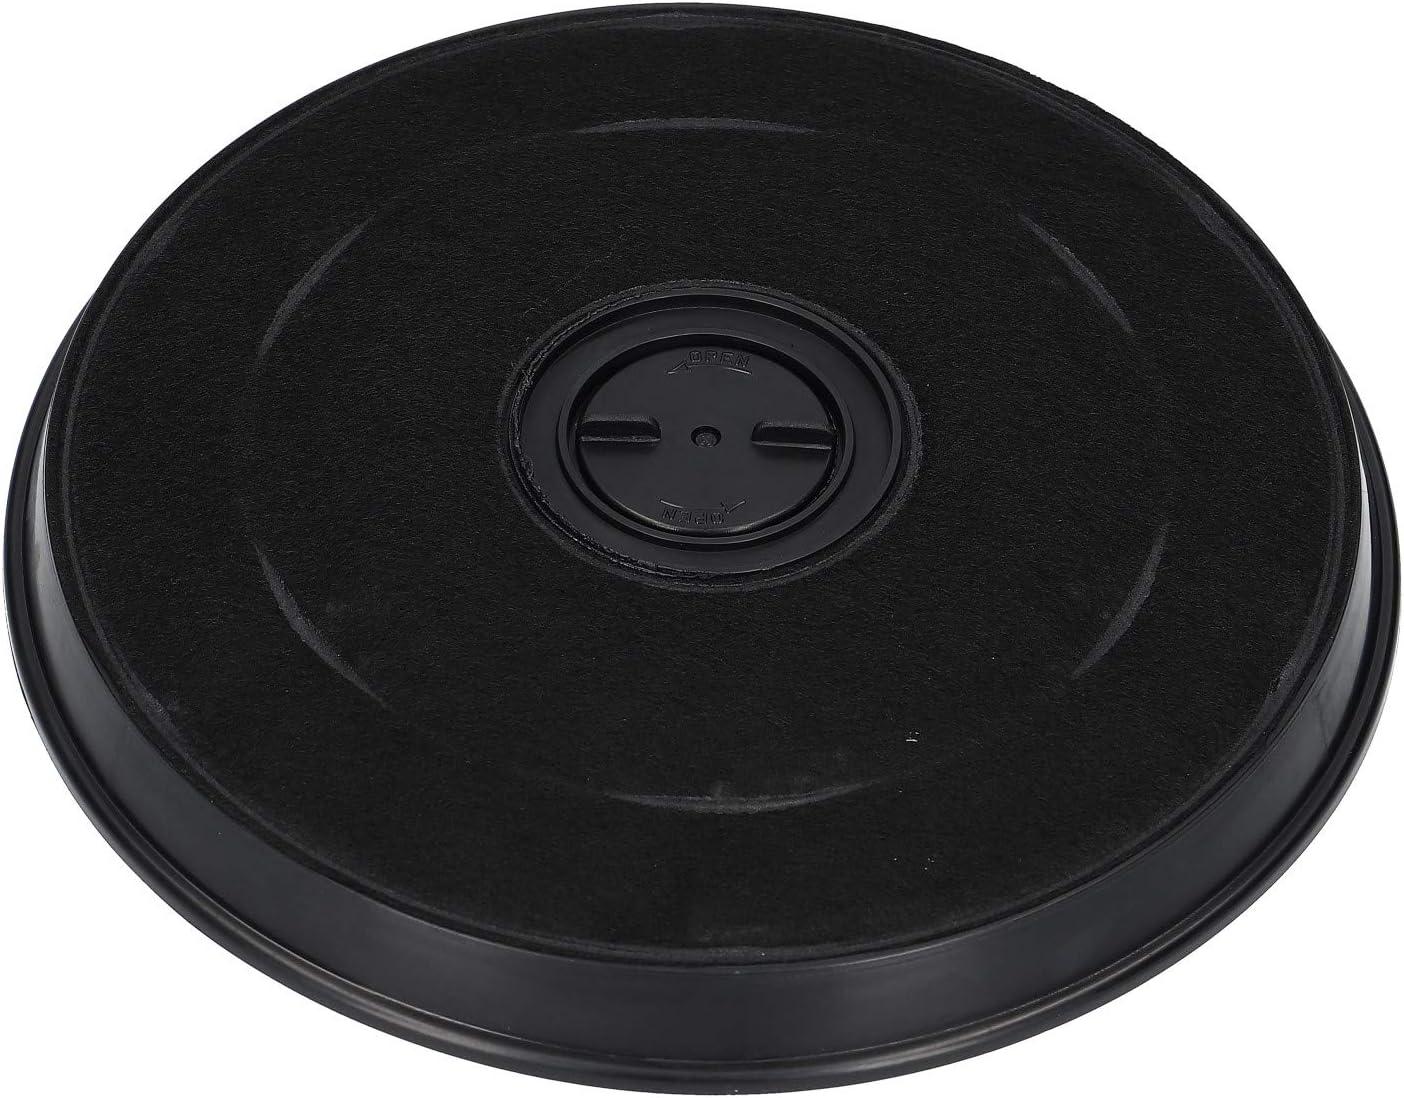 LUTH Premium Profi Parts Filtro de carbón activado DKF7 233mm para la campana extractora Miele 4965503 4965502